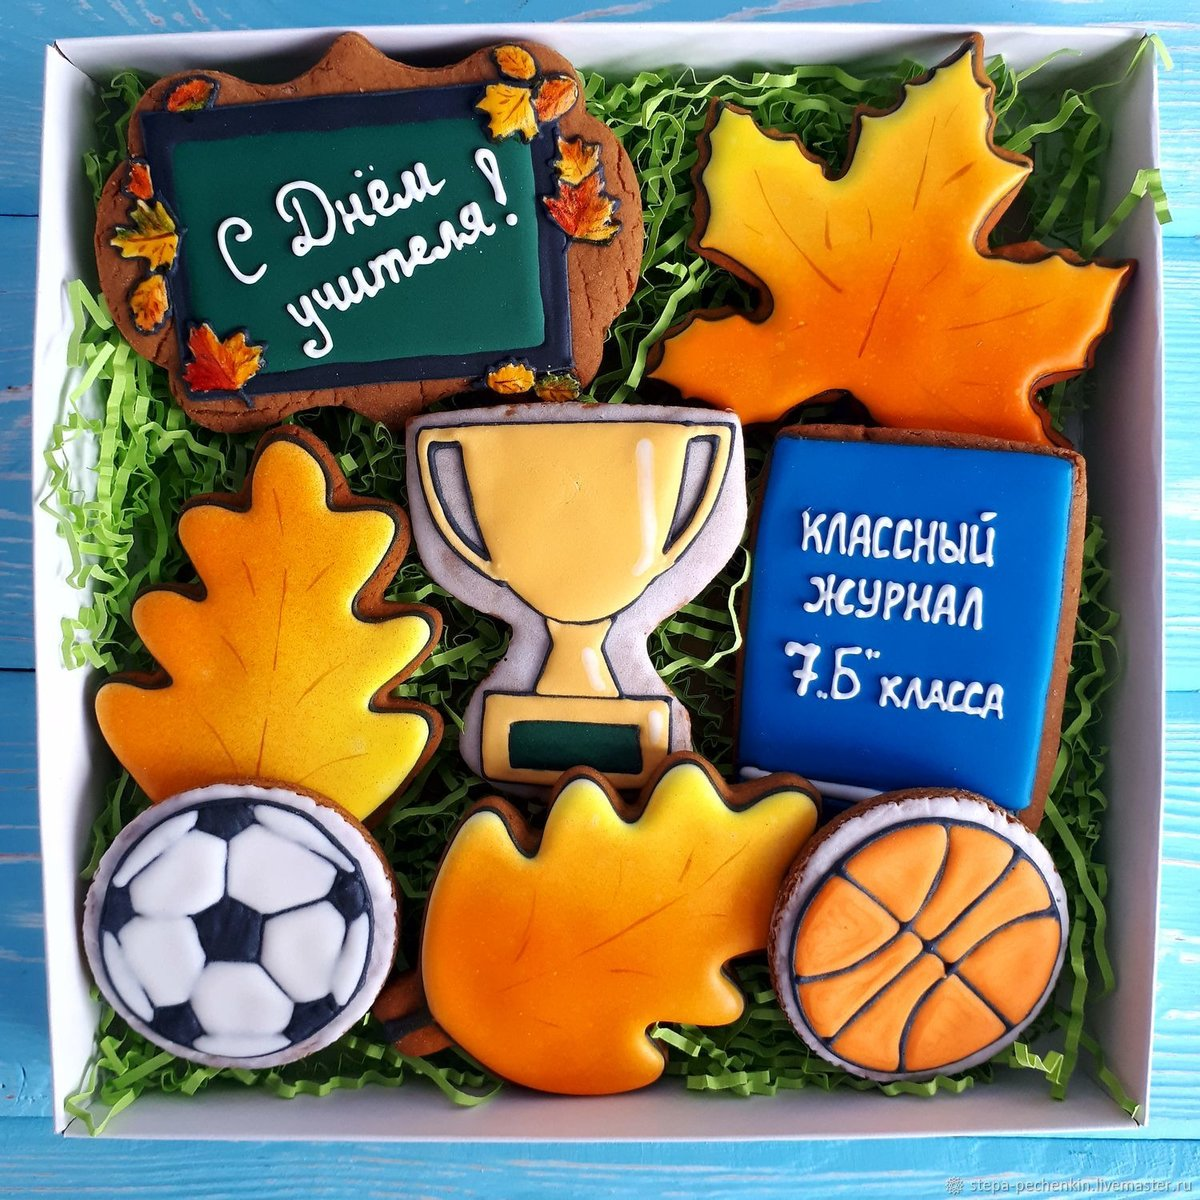 Открытки для учителя физкультуры на день учителя, открытки днем